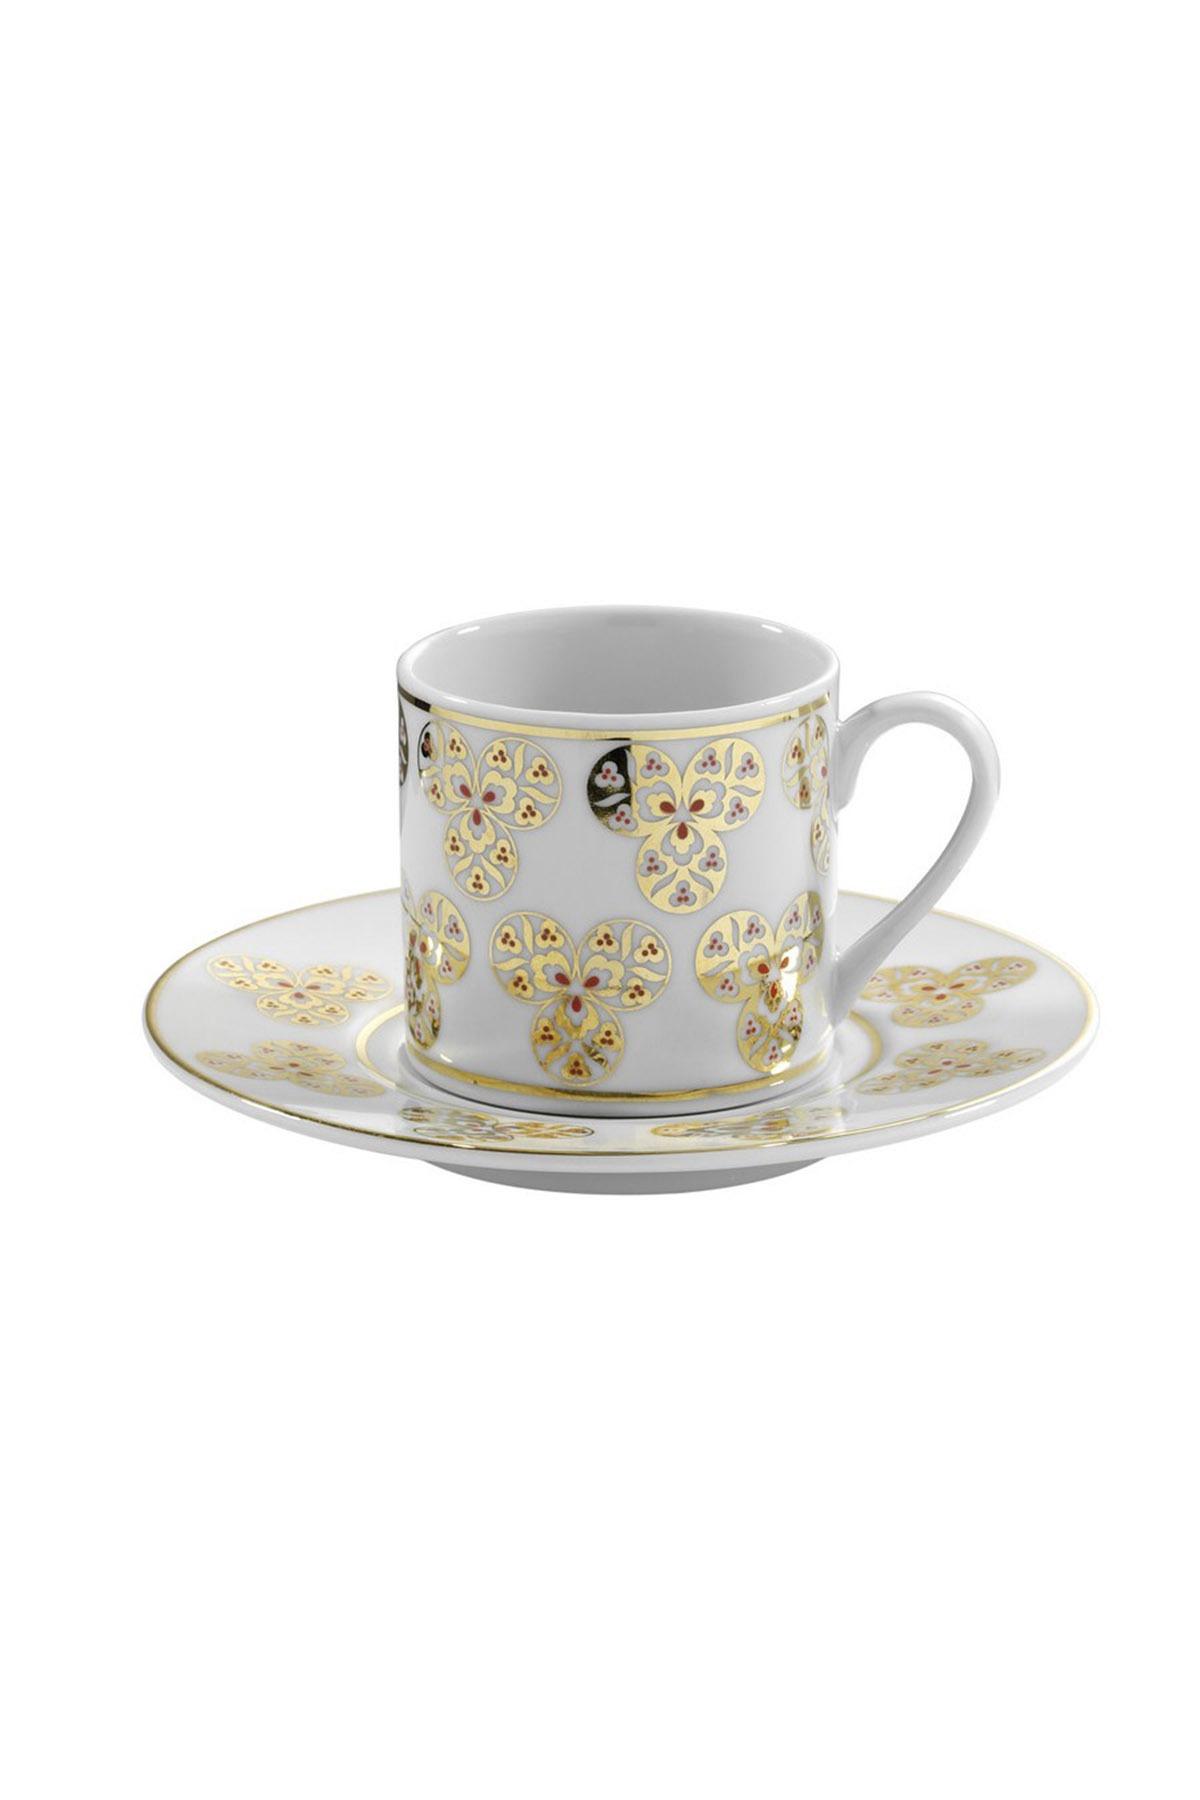 KÜTAHYA PORSELEN - Kütahya Porselen Çintemani 9725 Desen Kahve Fincan Takımı